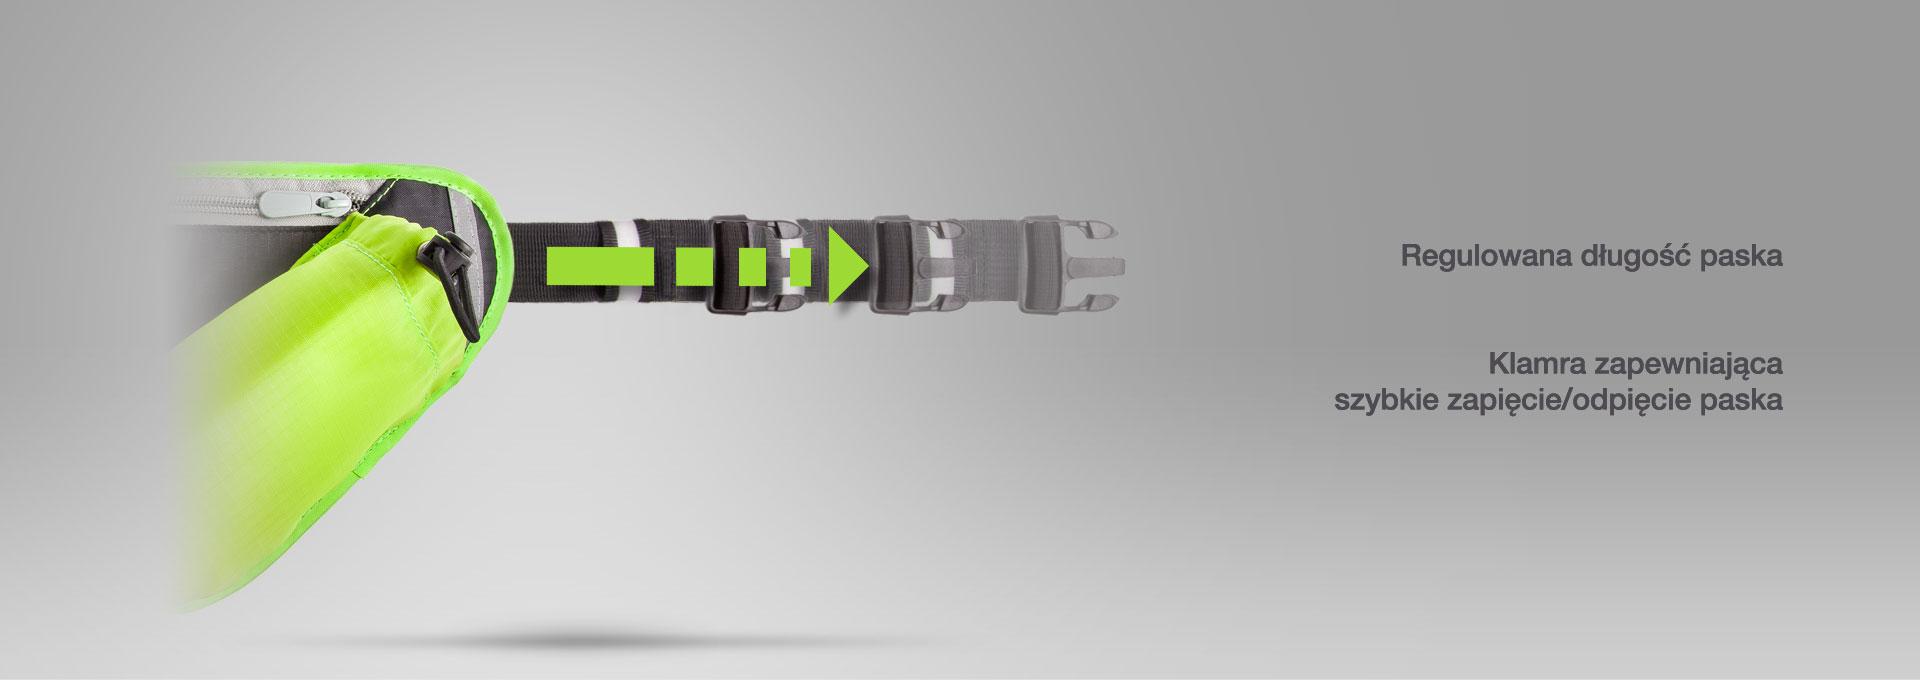 Posiada regulowaną długość paska, oraz klamrę zapewniającą szybkie zapięcie/odpięcie paska.